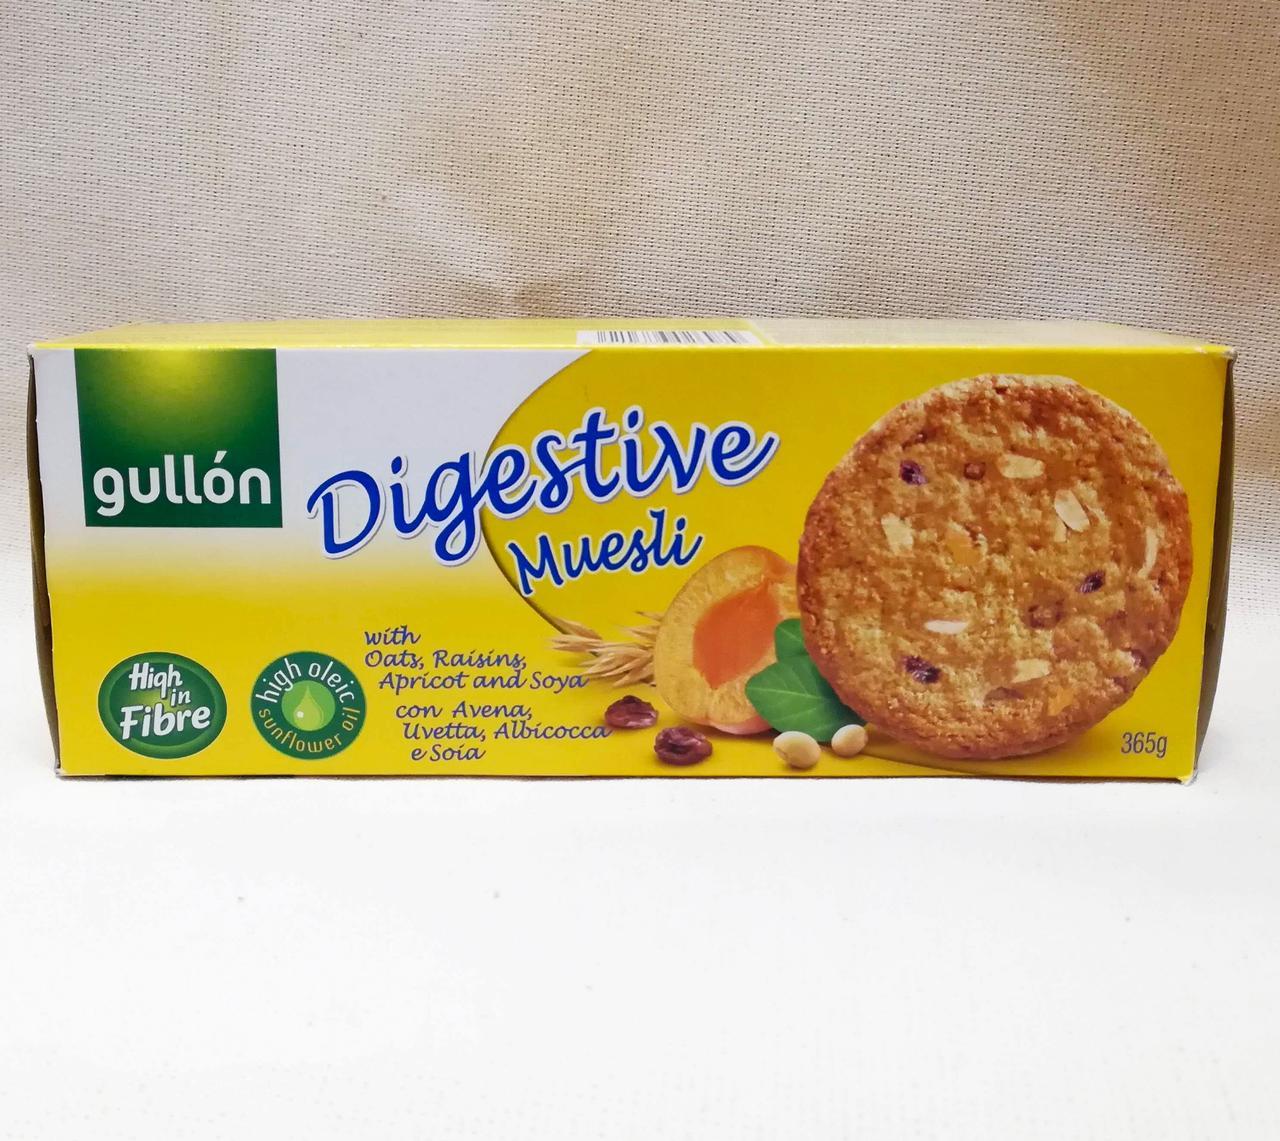 Овсяное печенье Gullon digestive Muesli